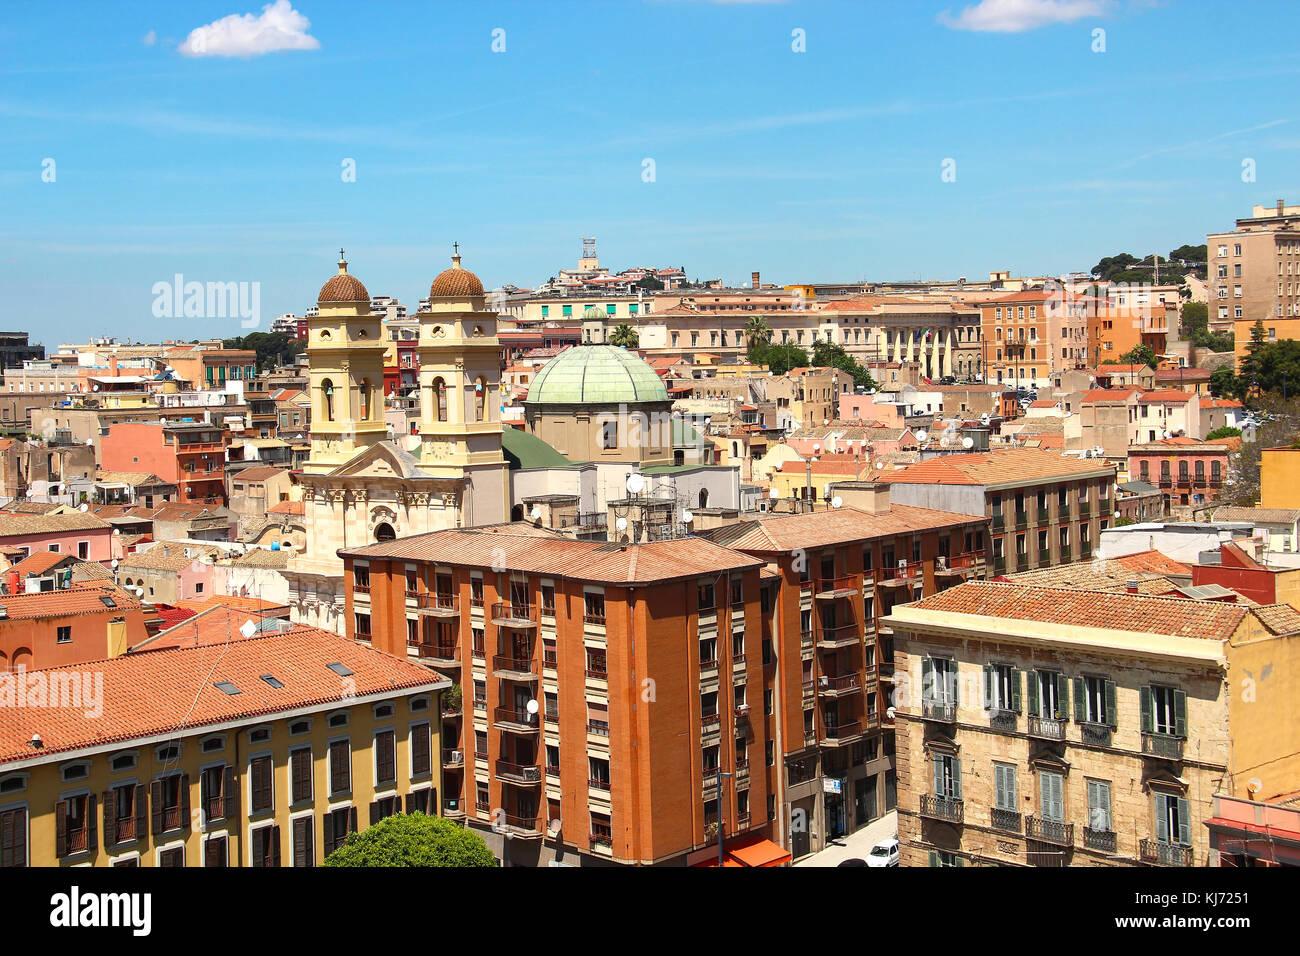 Cityscape of Cagliari, Sardinia, Italy - Stock Image